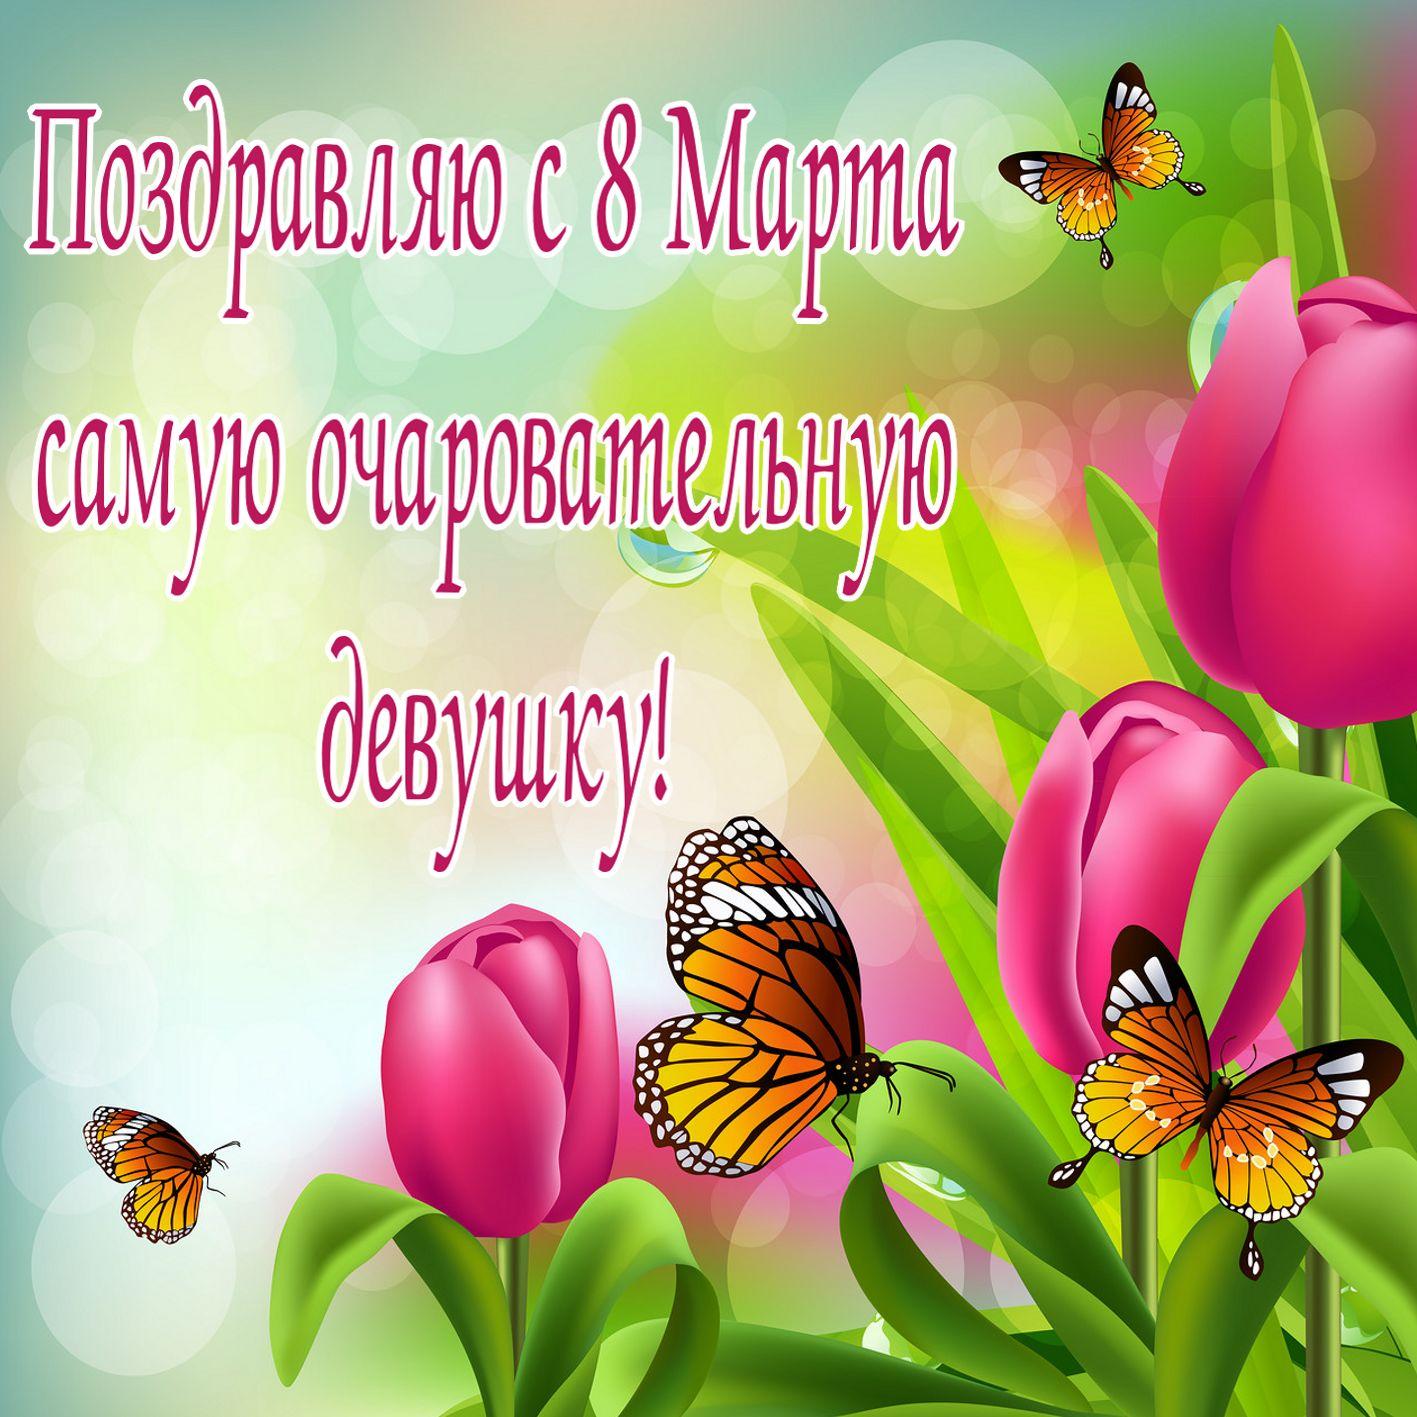 Открытки с пожеланиями для девочек с 8 марта